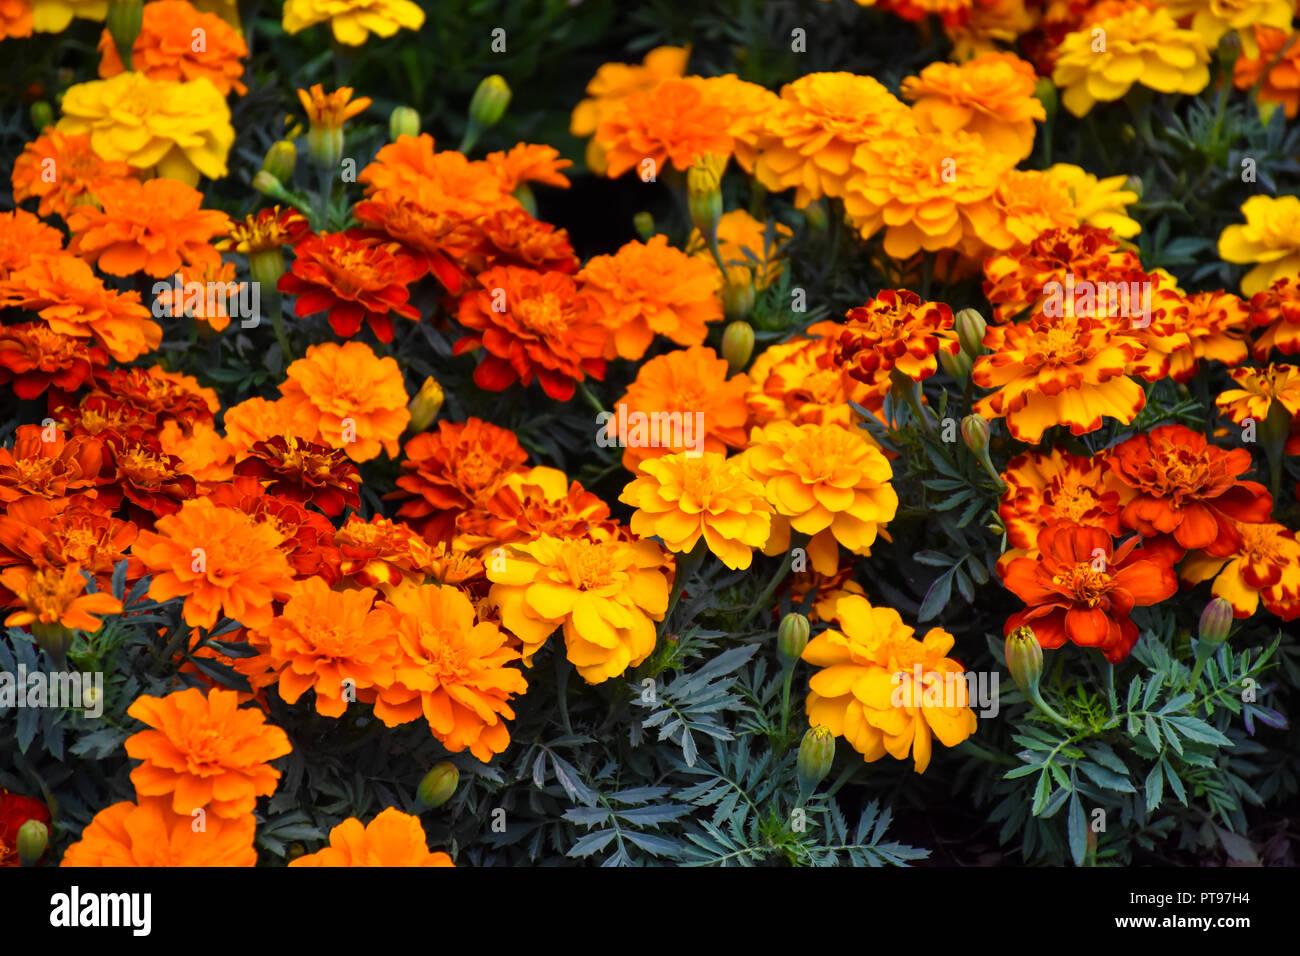 Fiori Arancioni E Gialli.Arancione E Giallo Sfondo Fiori Foto Immagine Stock 221479696